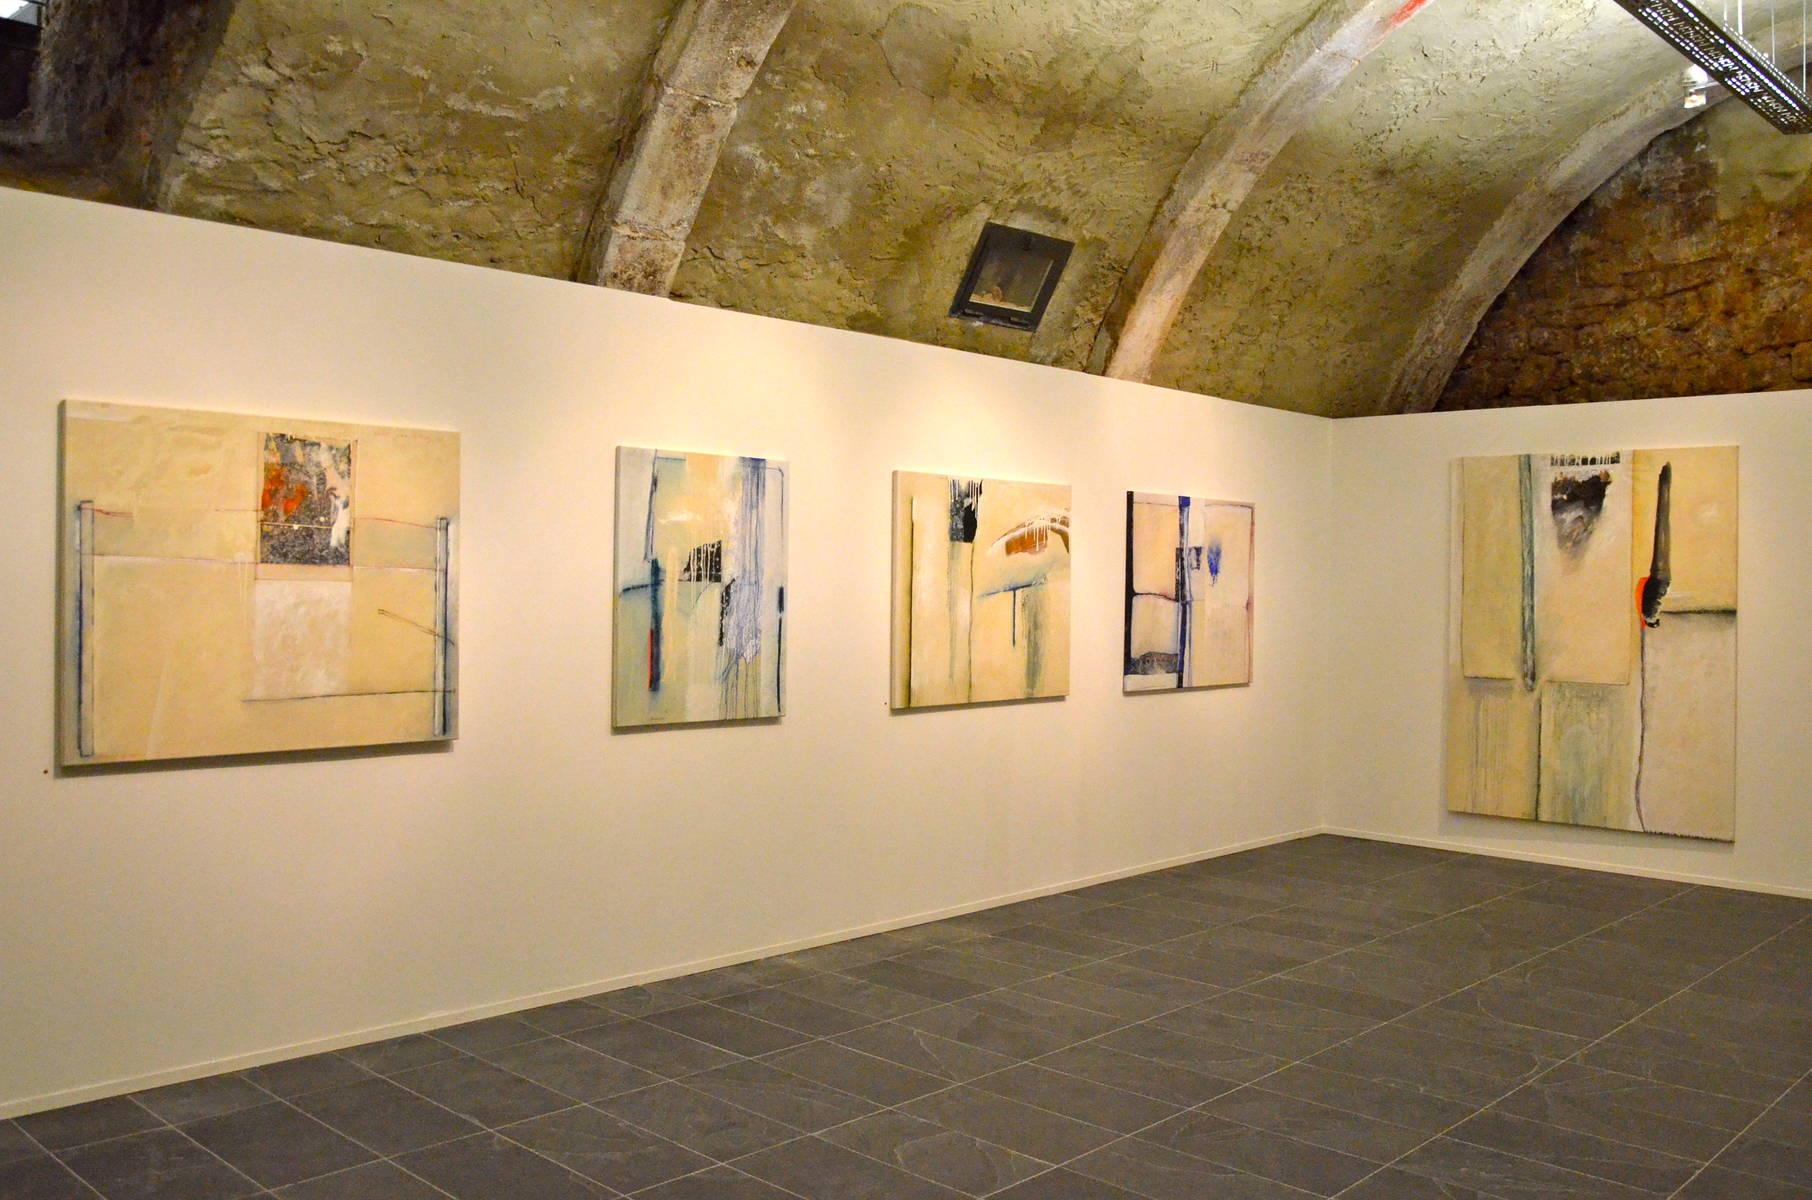 3_Robert Brandy 2012 luxembourg 103